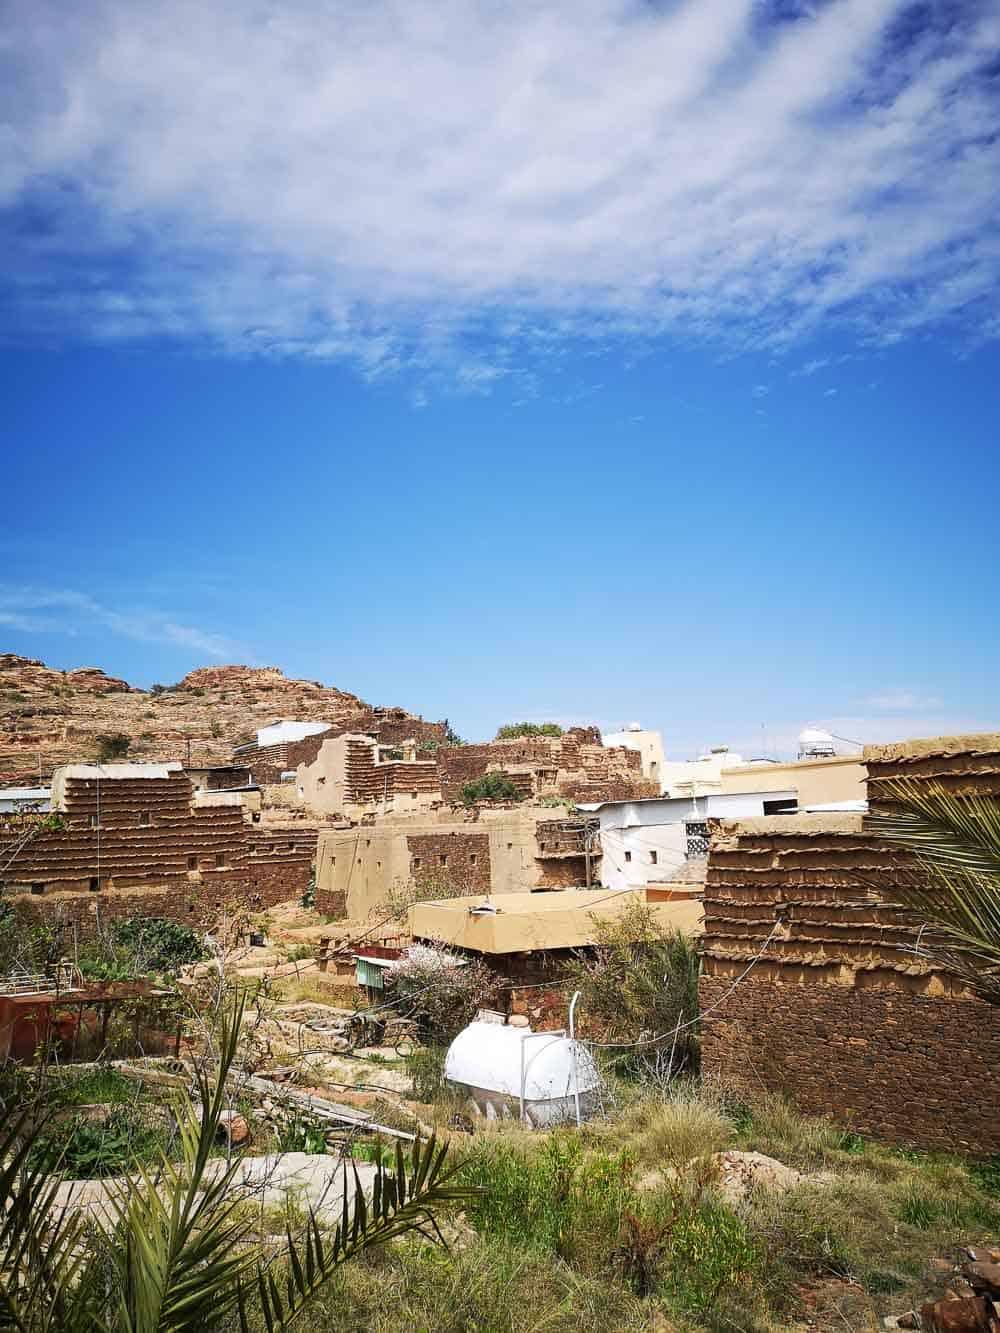 Tamniah town Saudi Arabia